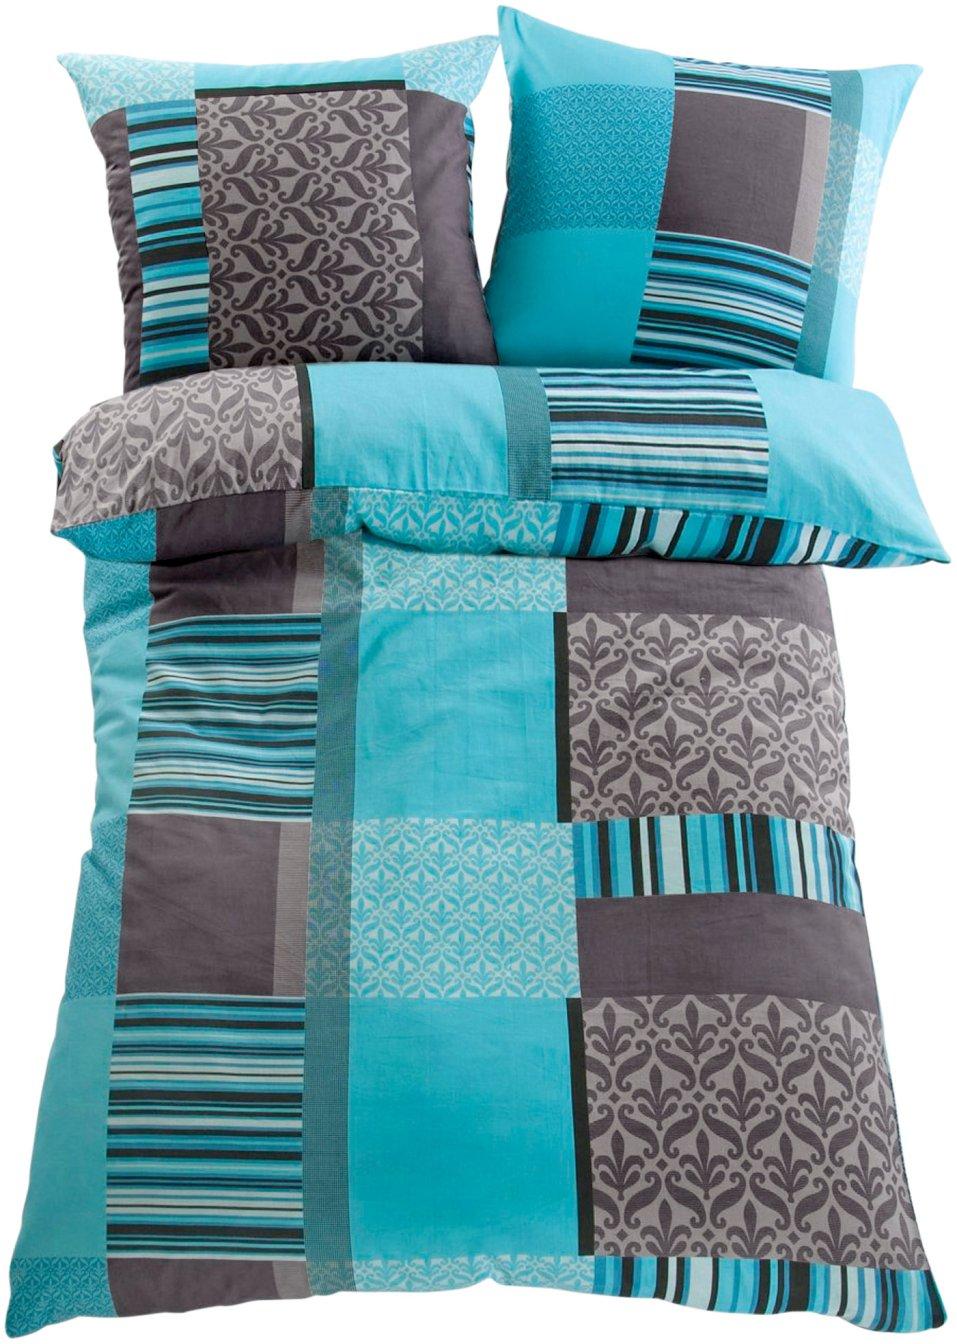 Tolle Farbkombination Bettwäsche Matis Im Grafischen Design